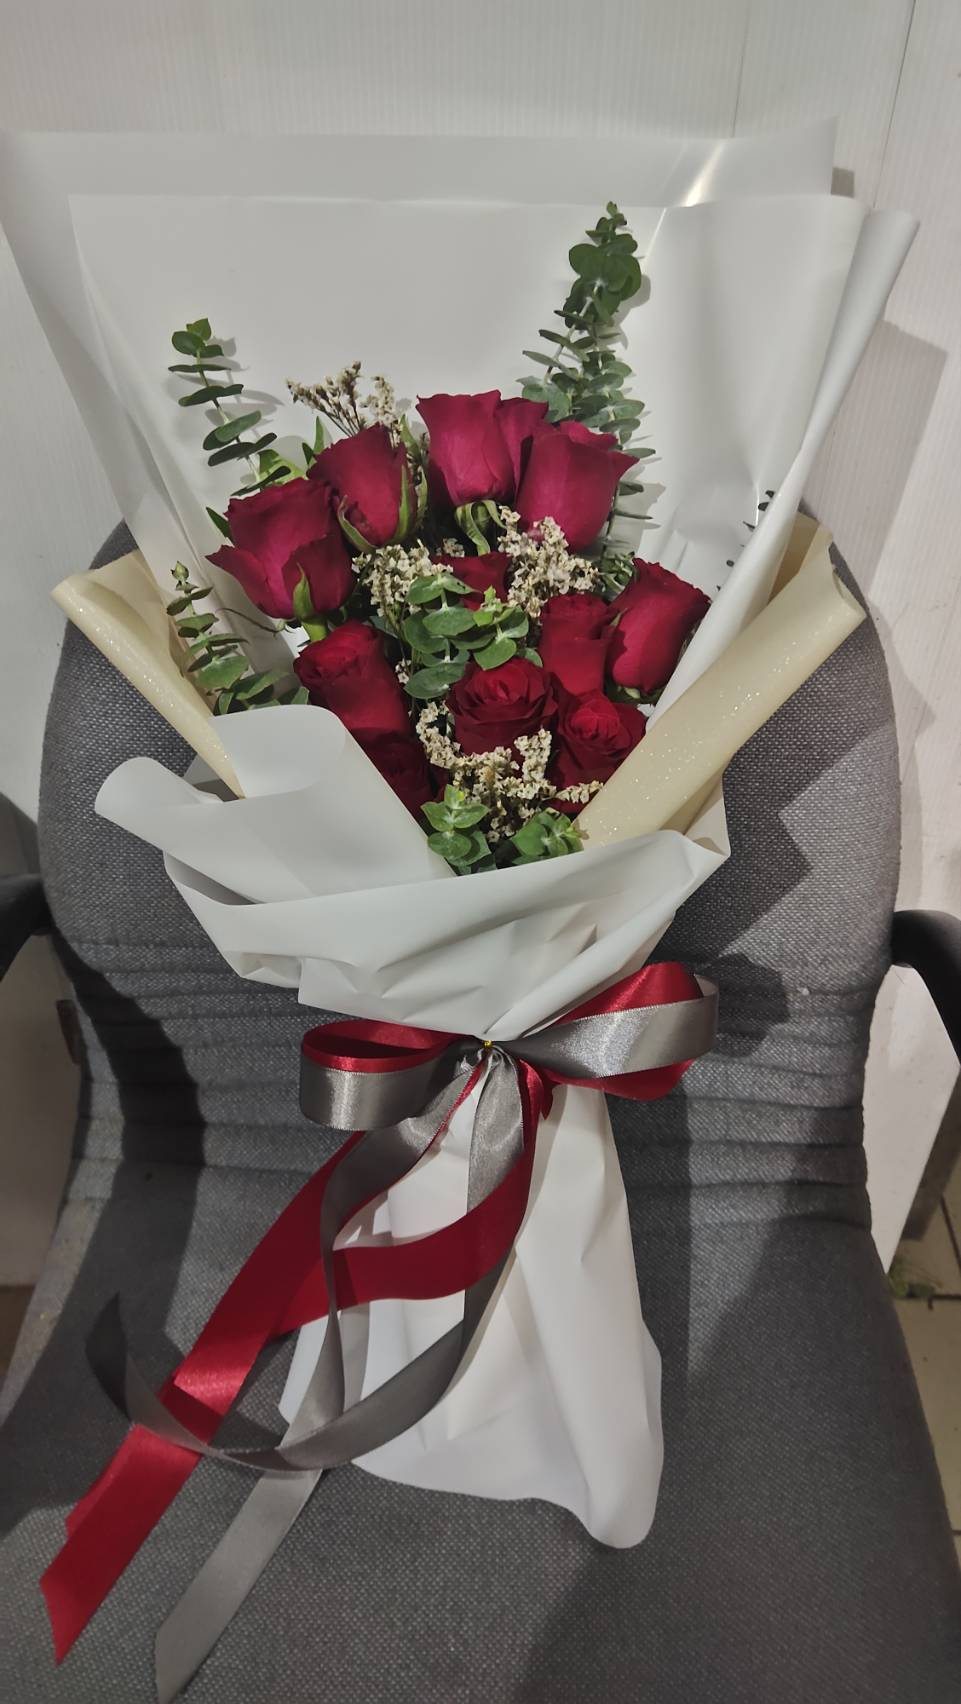 ช่อดอกกุหลาบขาวออกแบบเรียบหรู สะอาดตา สื่อถึงความรักที่จริงใจและบริสุทธิ์